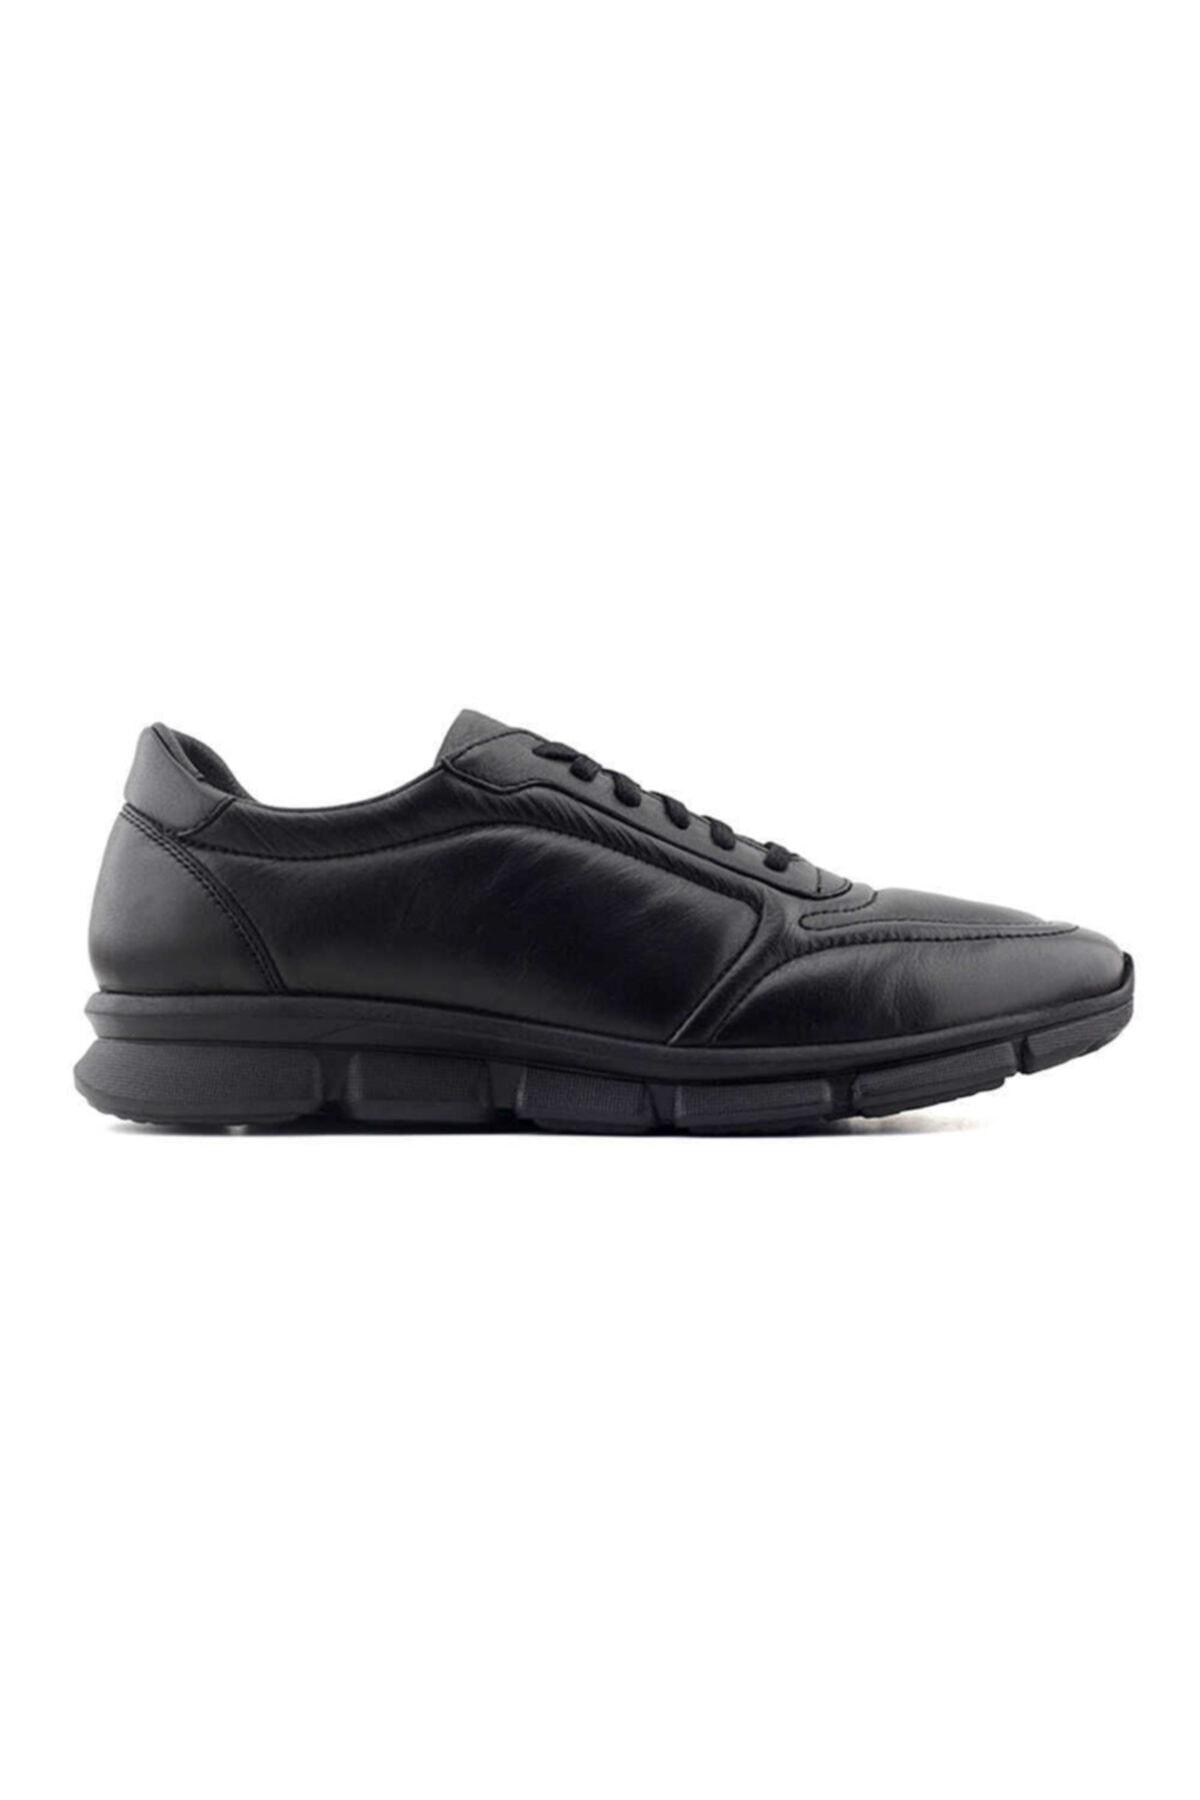 Kayra Chic Foots 011 Hakiki Deri Erkek Ayakkabı-siyah 1